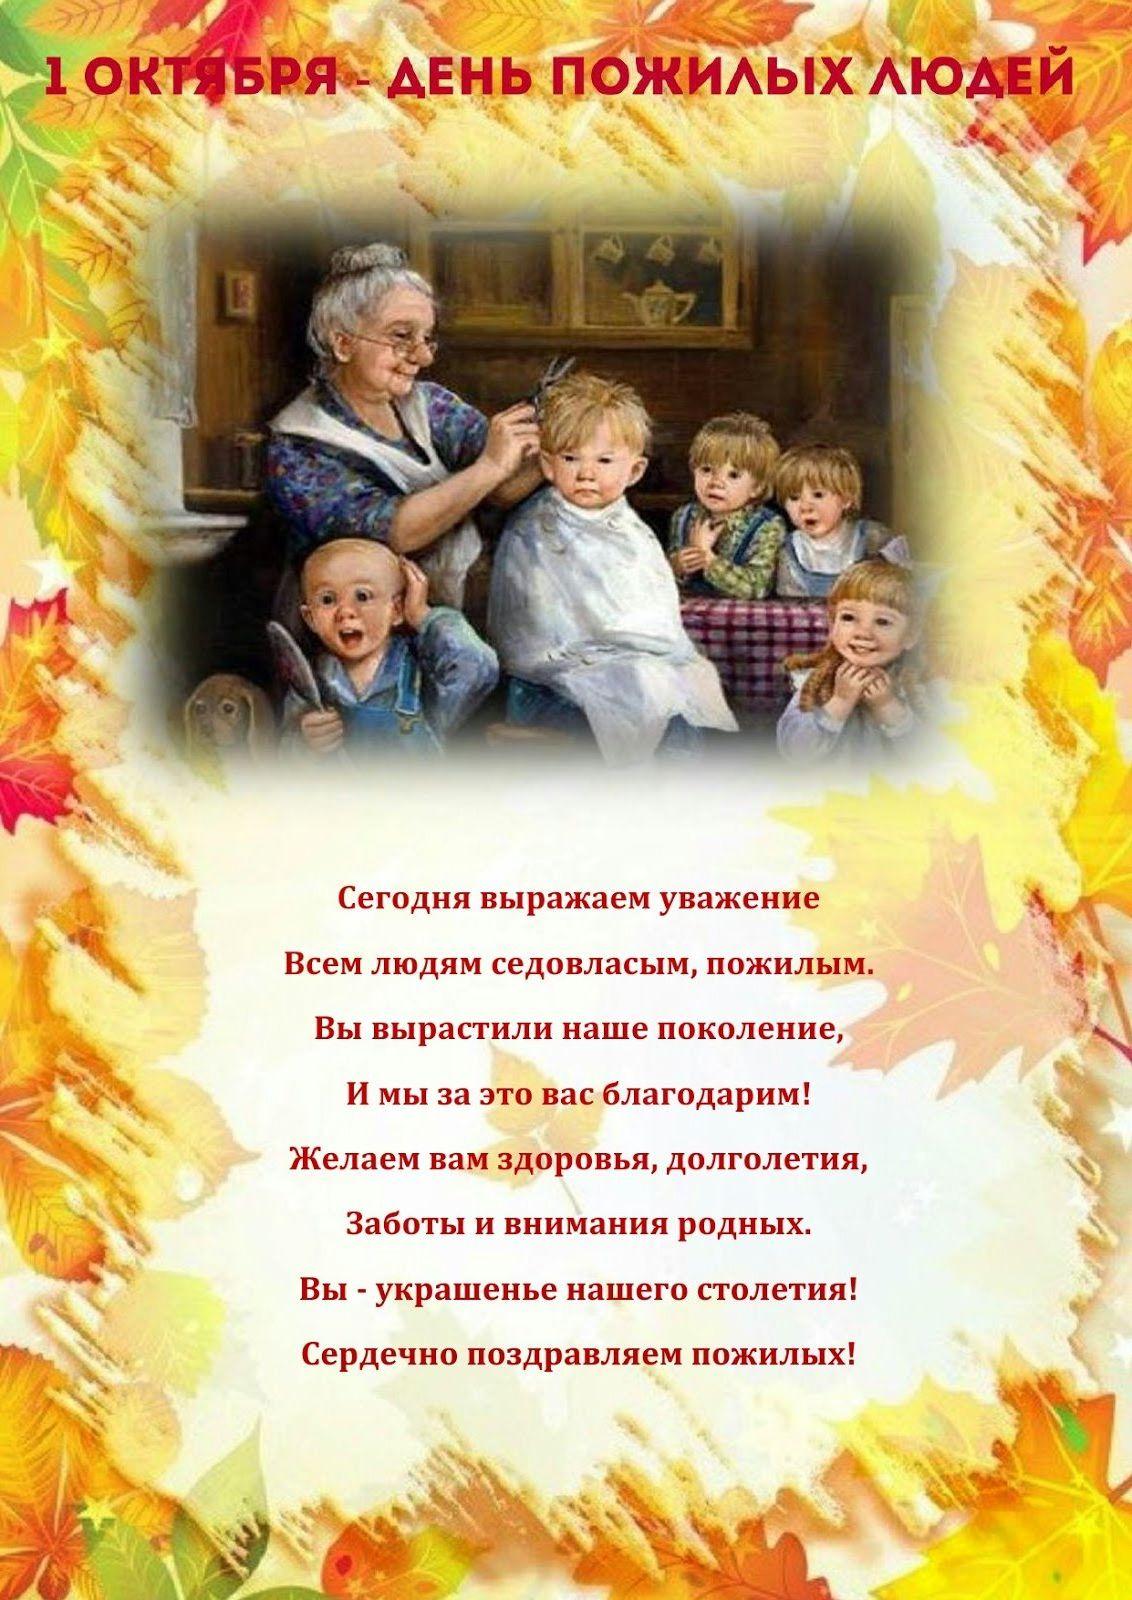 Поздравление родителям к дню пожилого человека